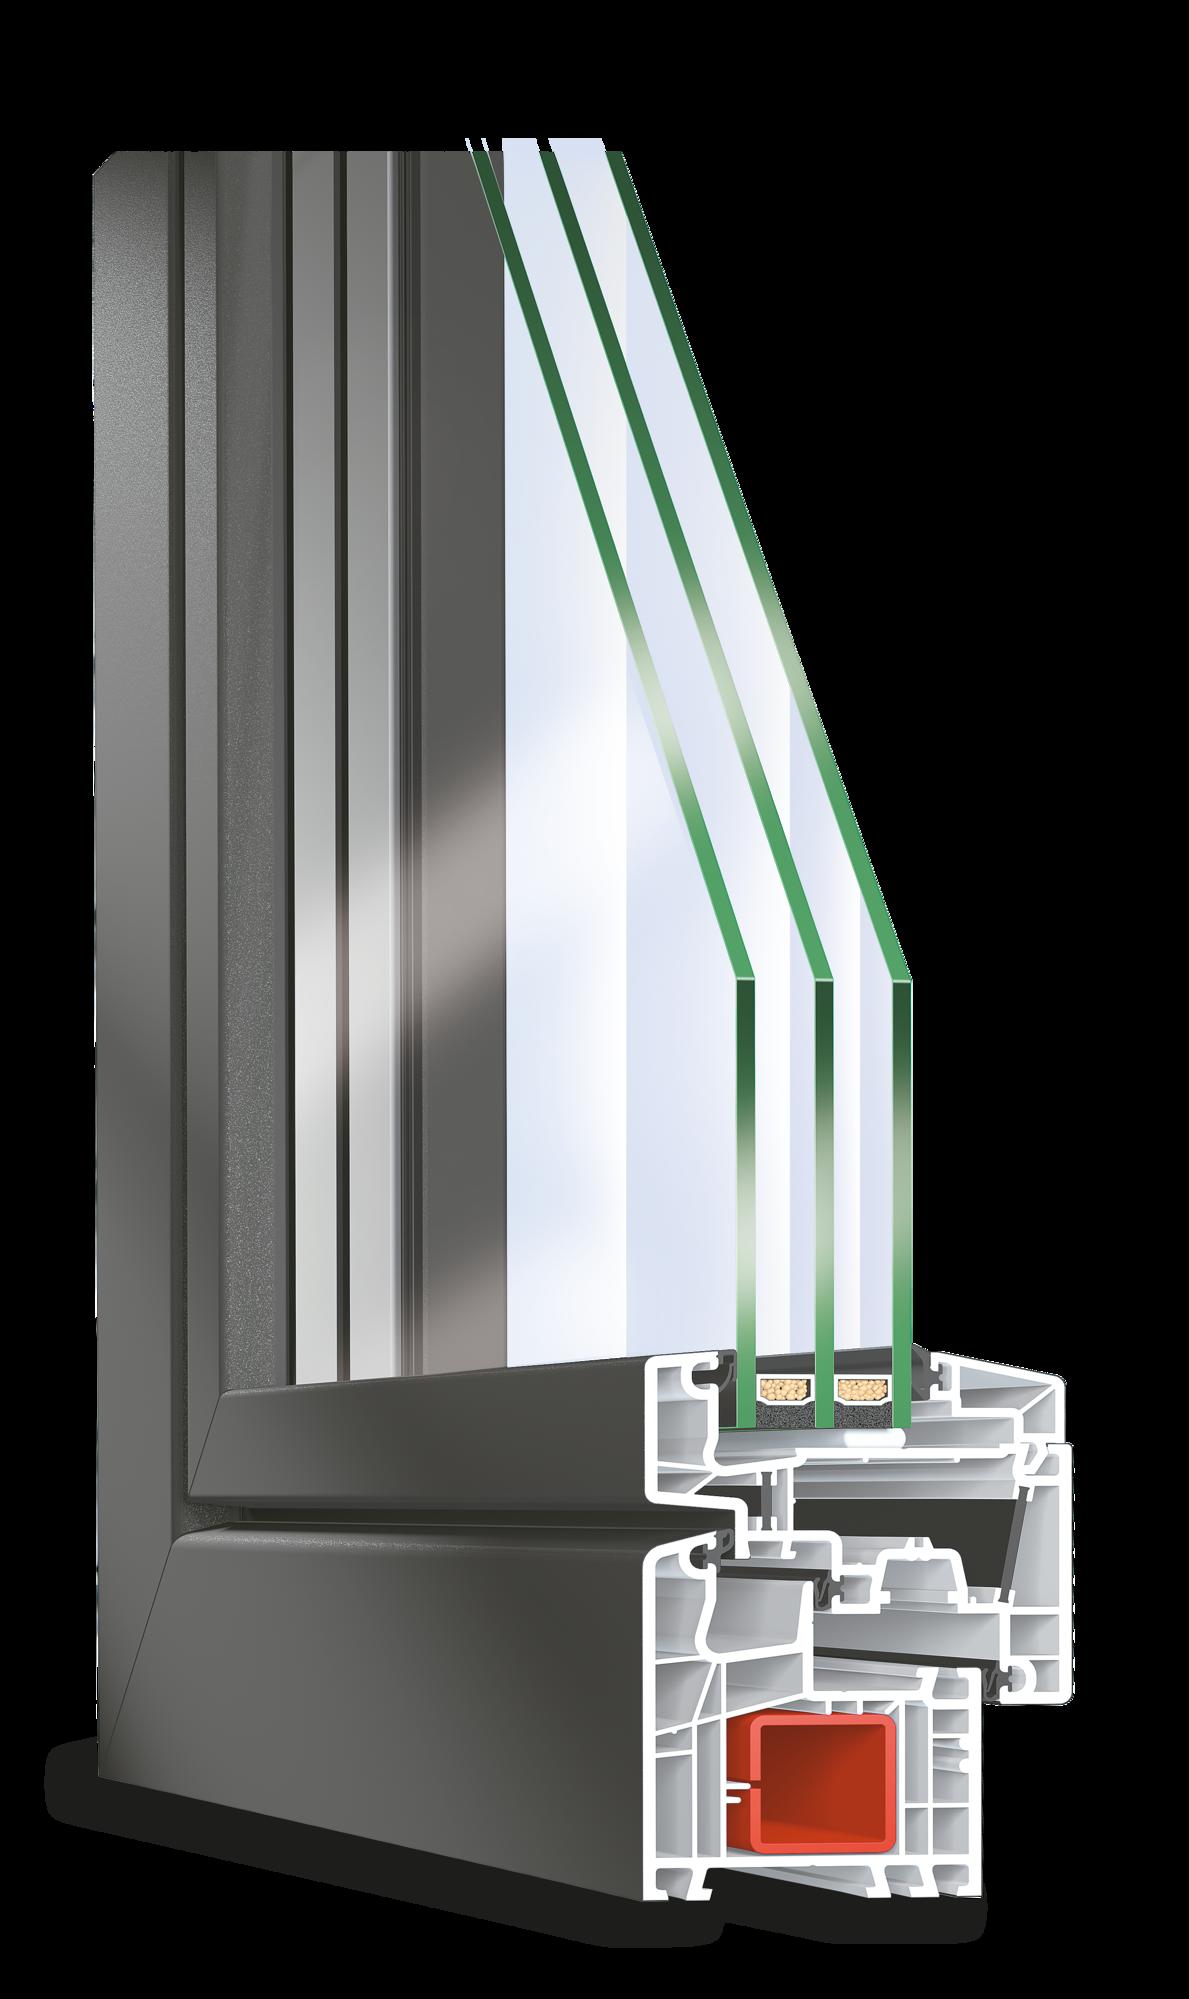 Full Size of Kunststoff Ideal Fensterbau Fenster Erneuern Kosten Weru Preise Mit Eingebauten Rolladen Veka Plissee Verdunkelung Teleskopstange Sichtschutz Sonnenschutzfolie Fenster Fenster Kunststoff